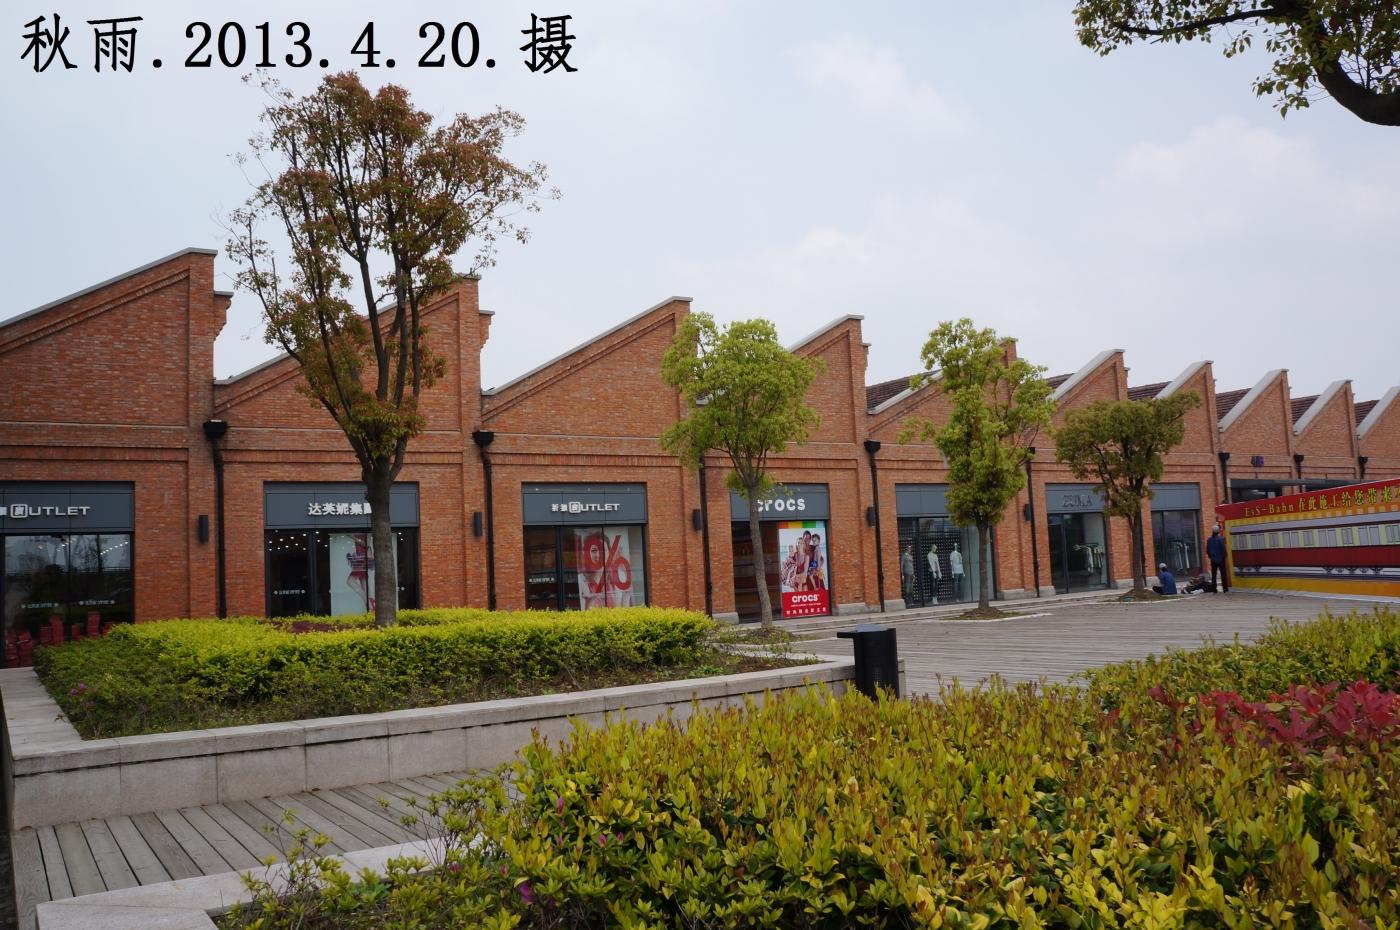 上海国际时尚中心,原国棉十七厂旧址(1),修旧如旧。摄影原创。 ..._图1-10